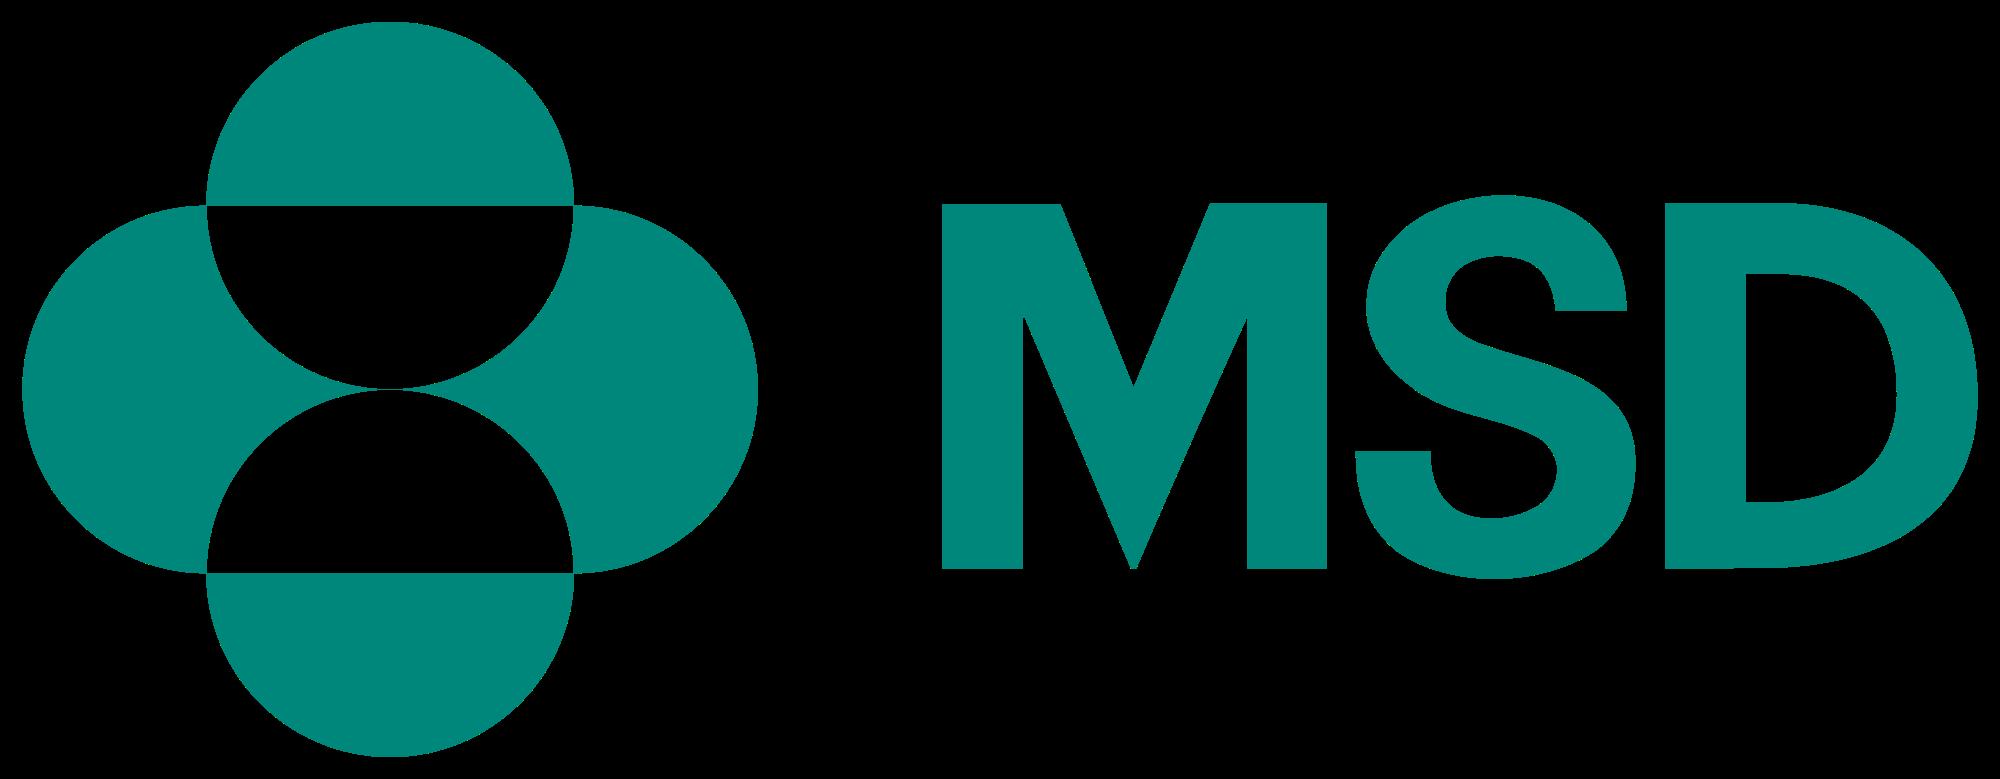 Télephone information entreprise  MSD France